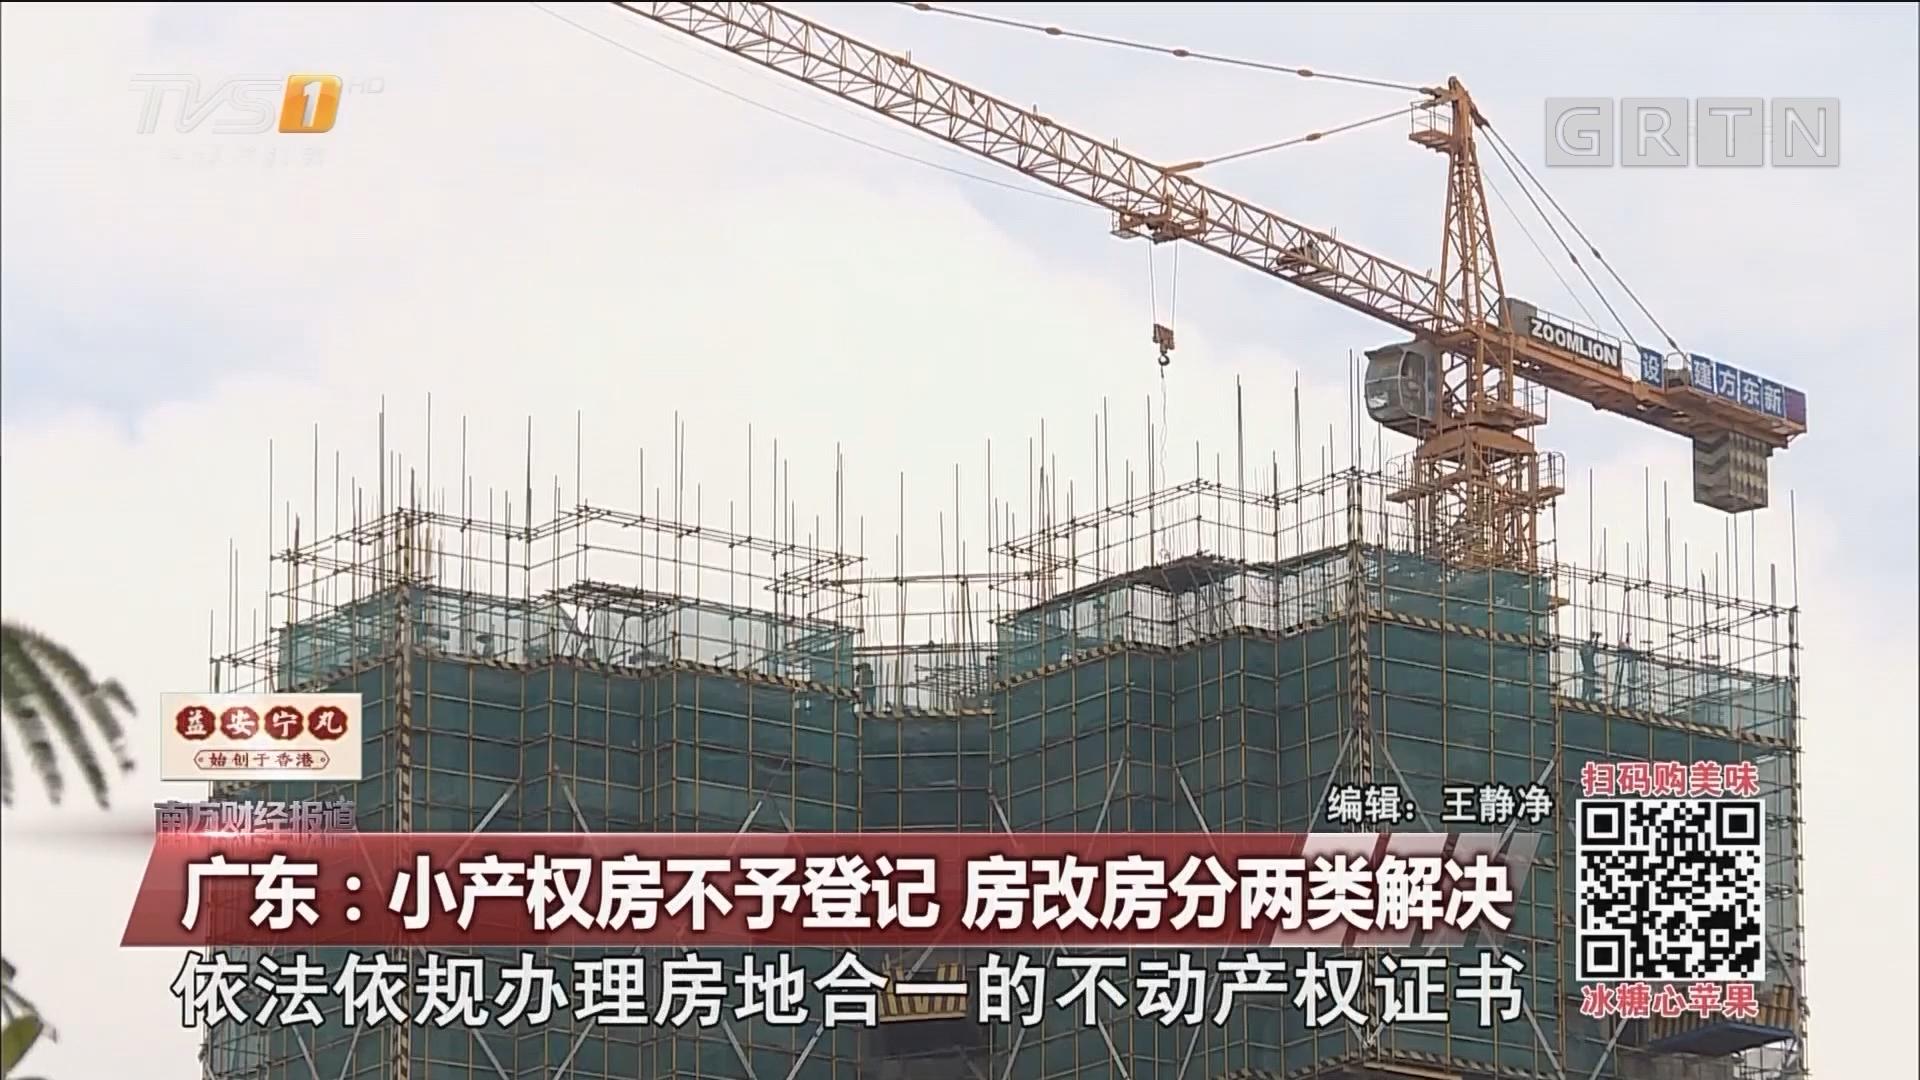 广东:小产权房不予登记 房改房分两类解决